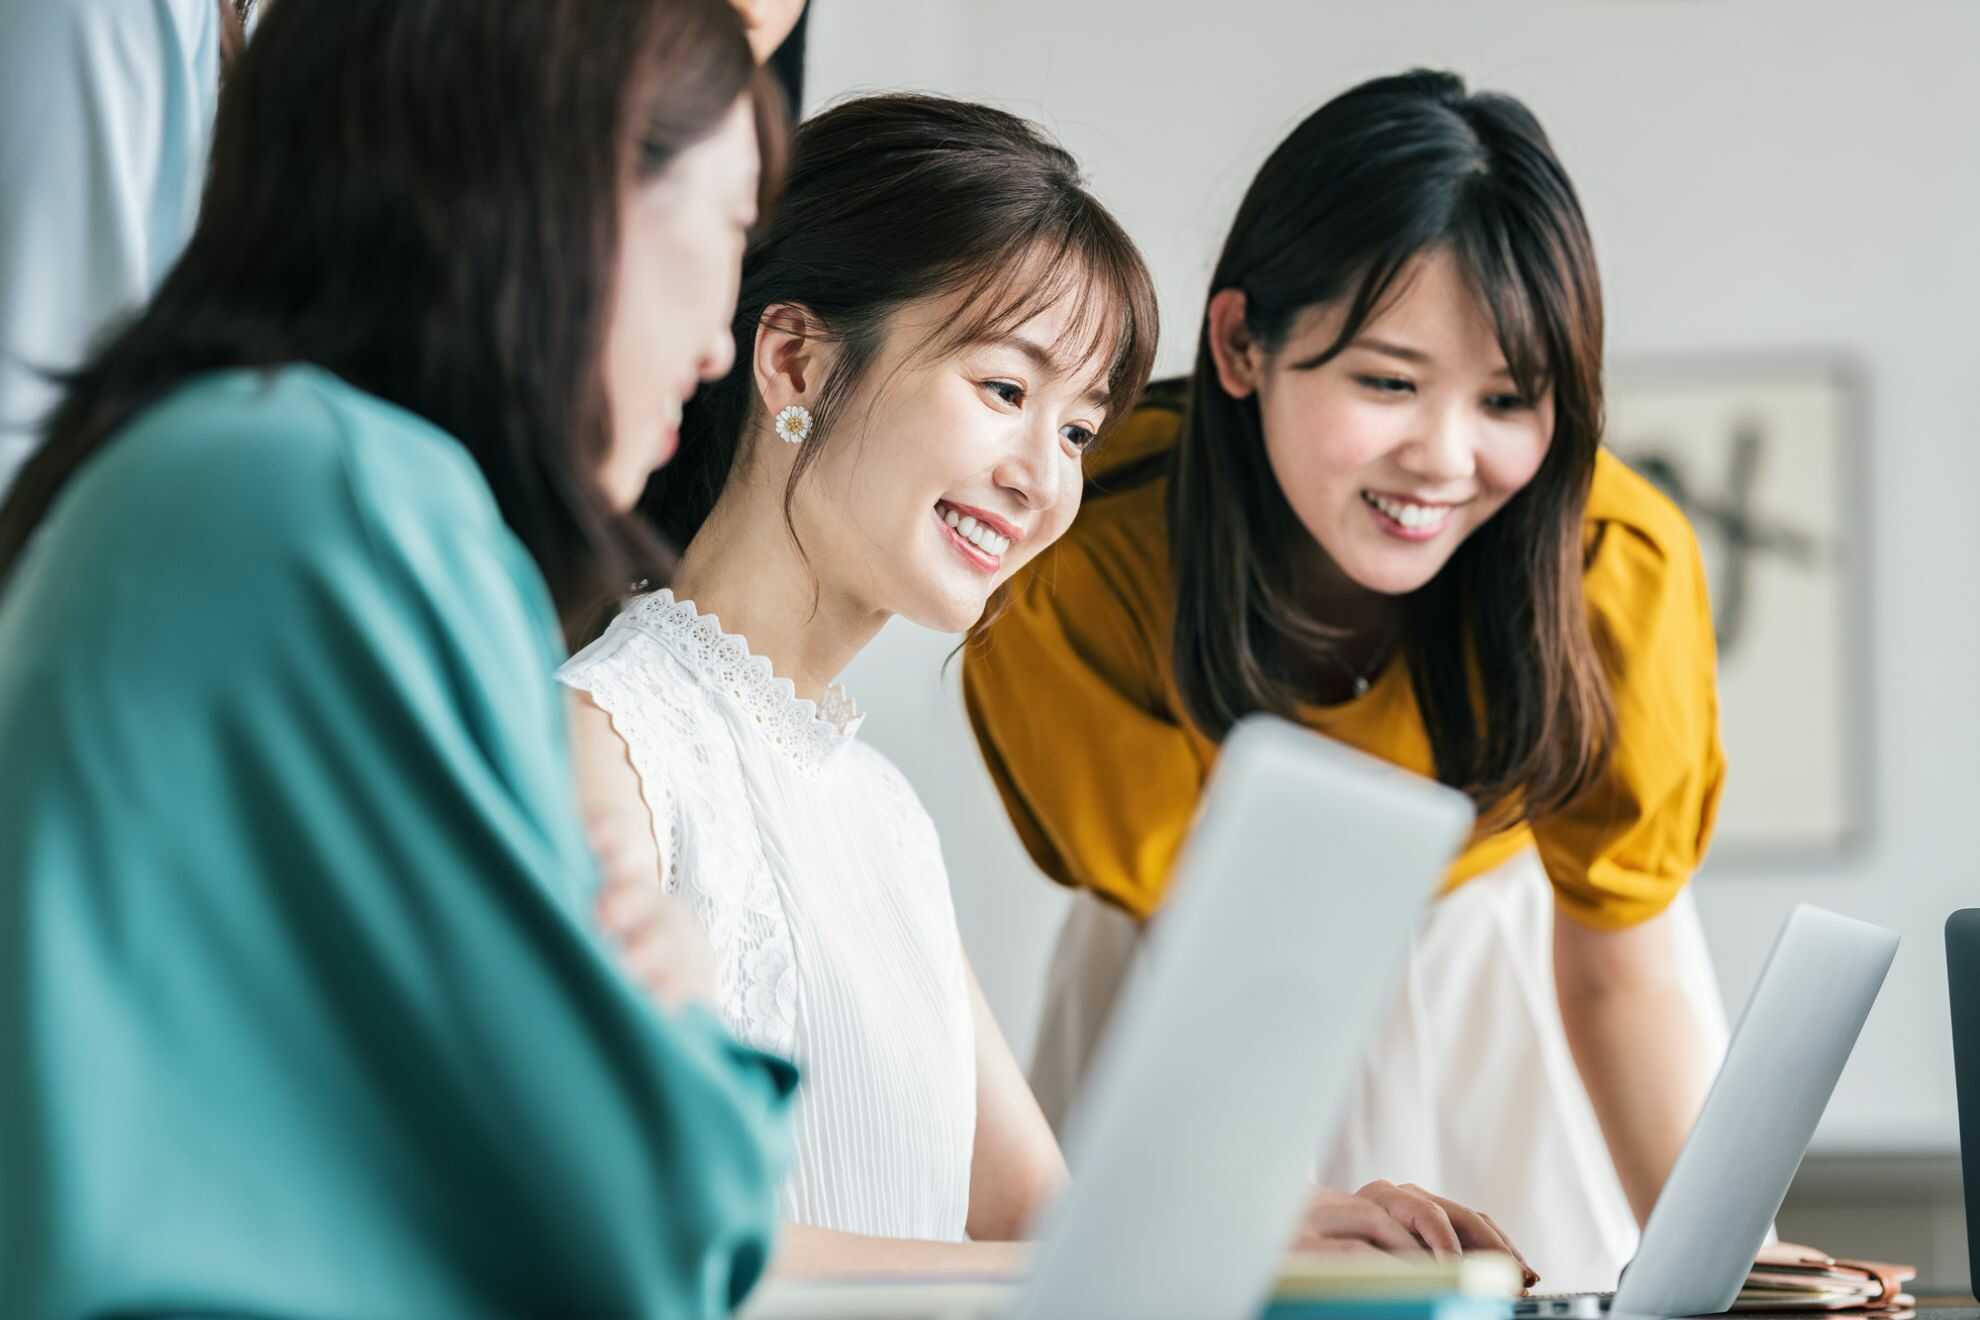 ノートパソコンを見ながら談笑している3人の女性